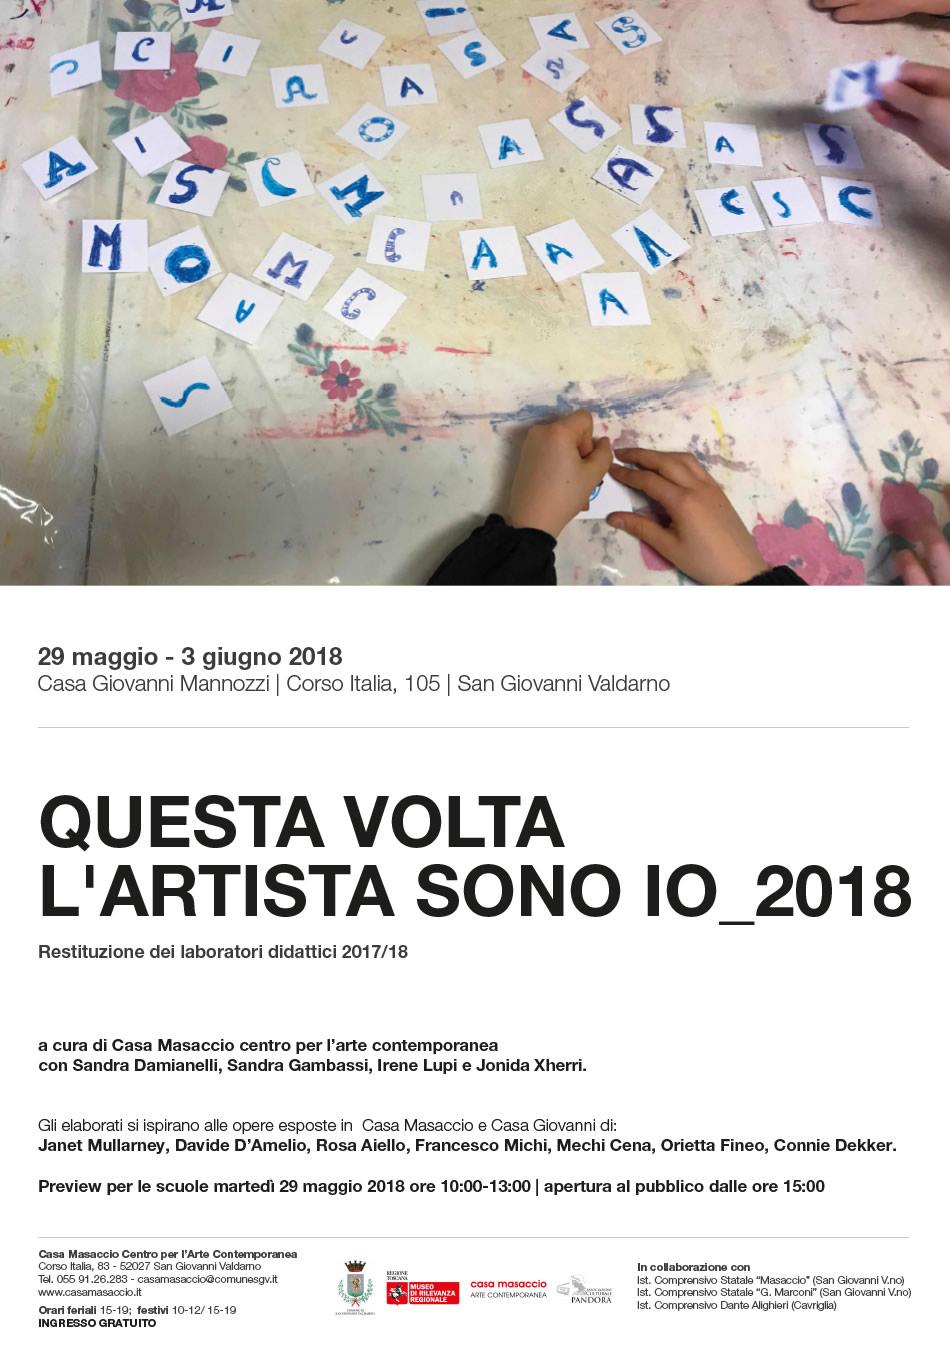 MANIFESTO_questa-volta-l'artista-sono-io_2018